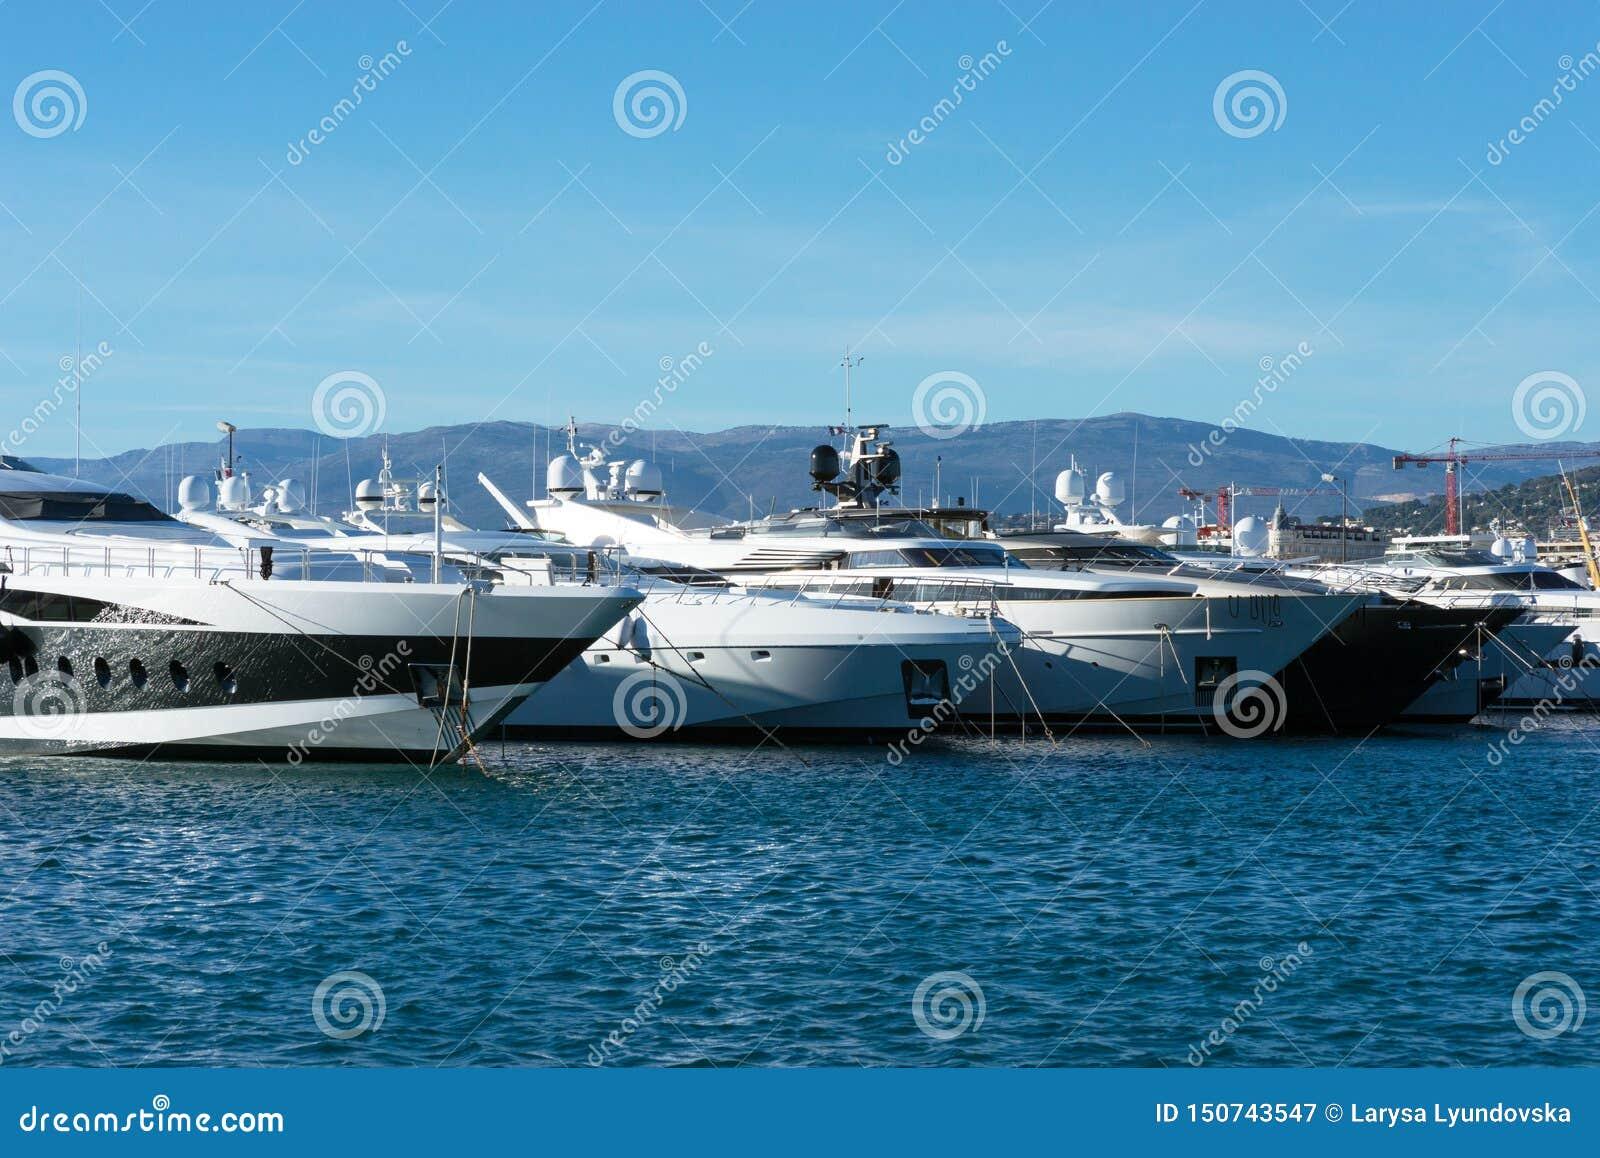 Weiße teure Yachten auf einem Hintergrund von Bergen an einem sonnigen Tag